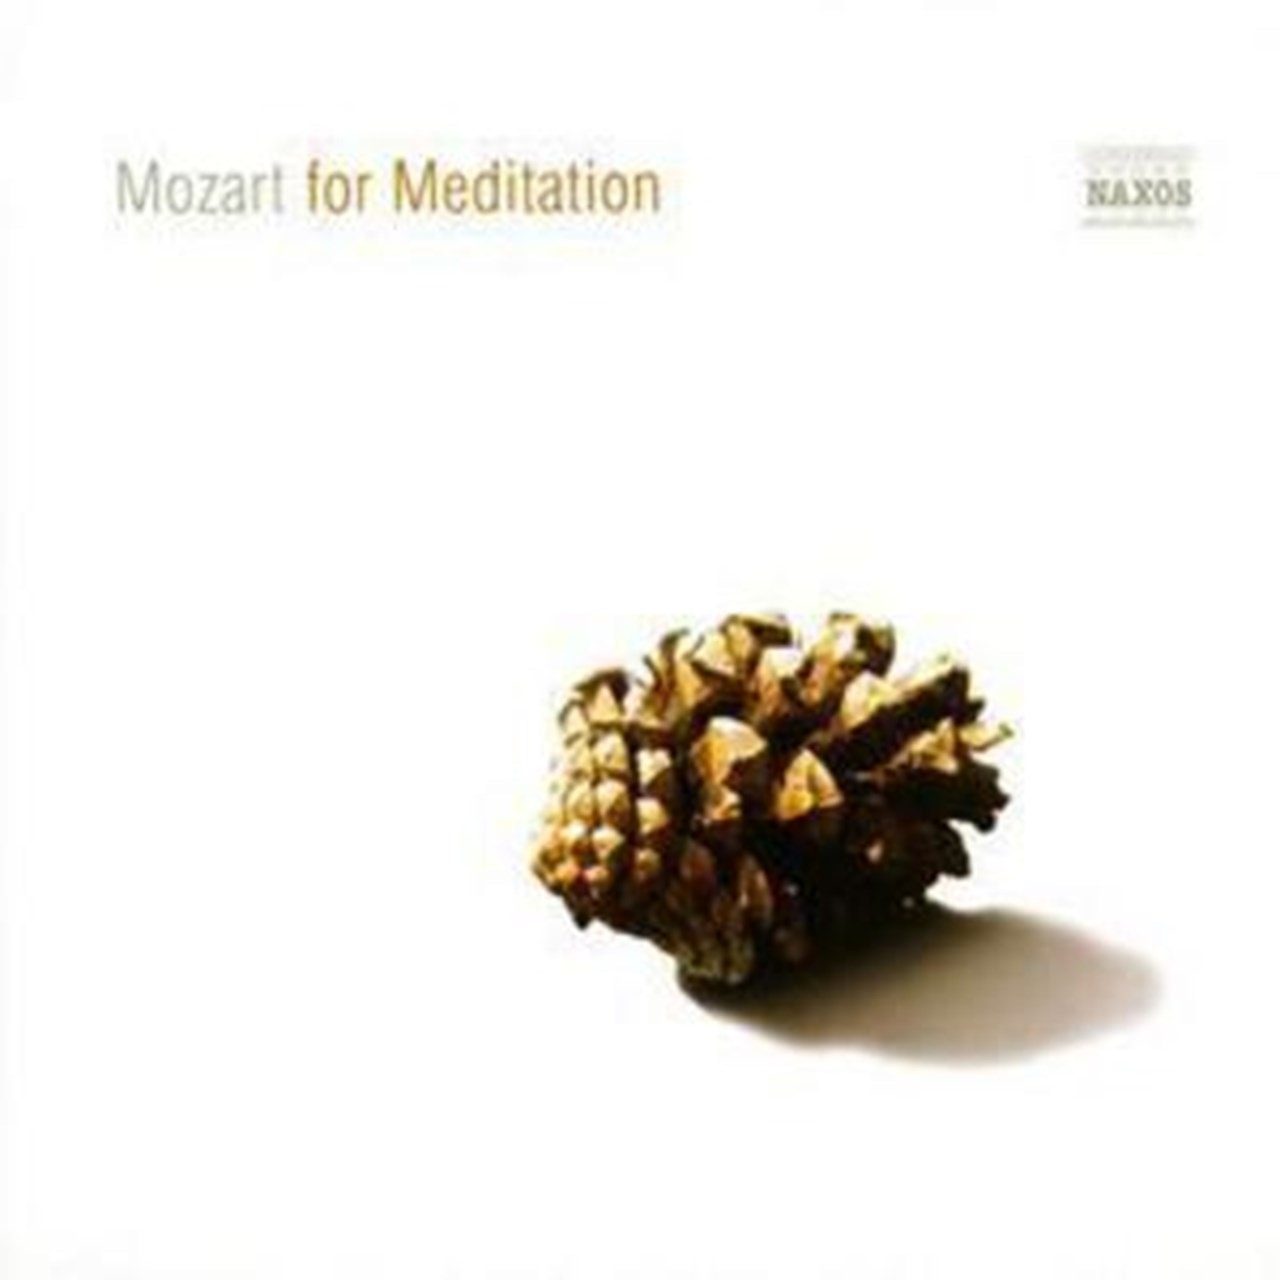 Mozart for Meditation - 1